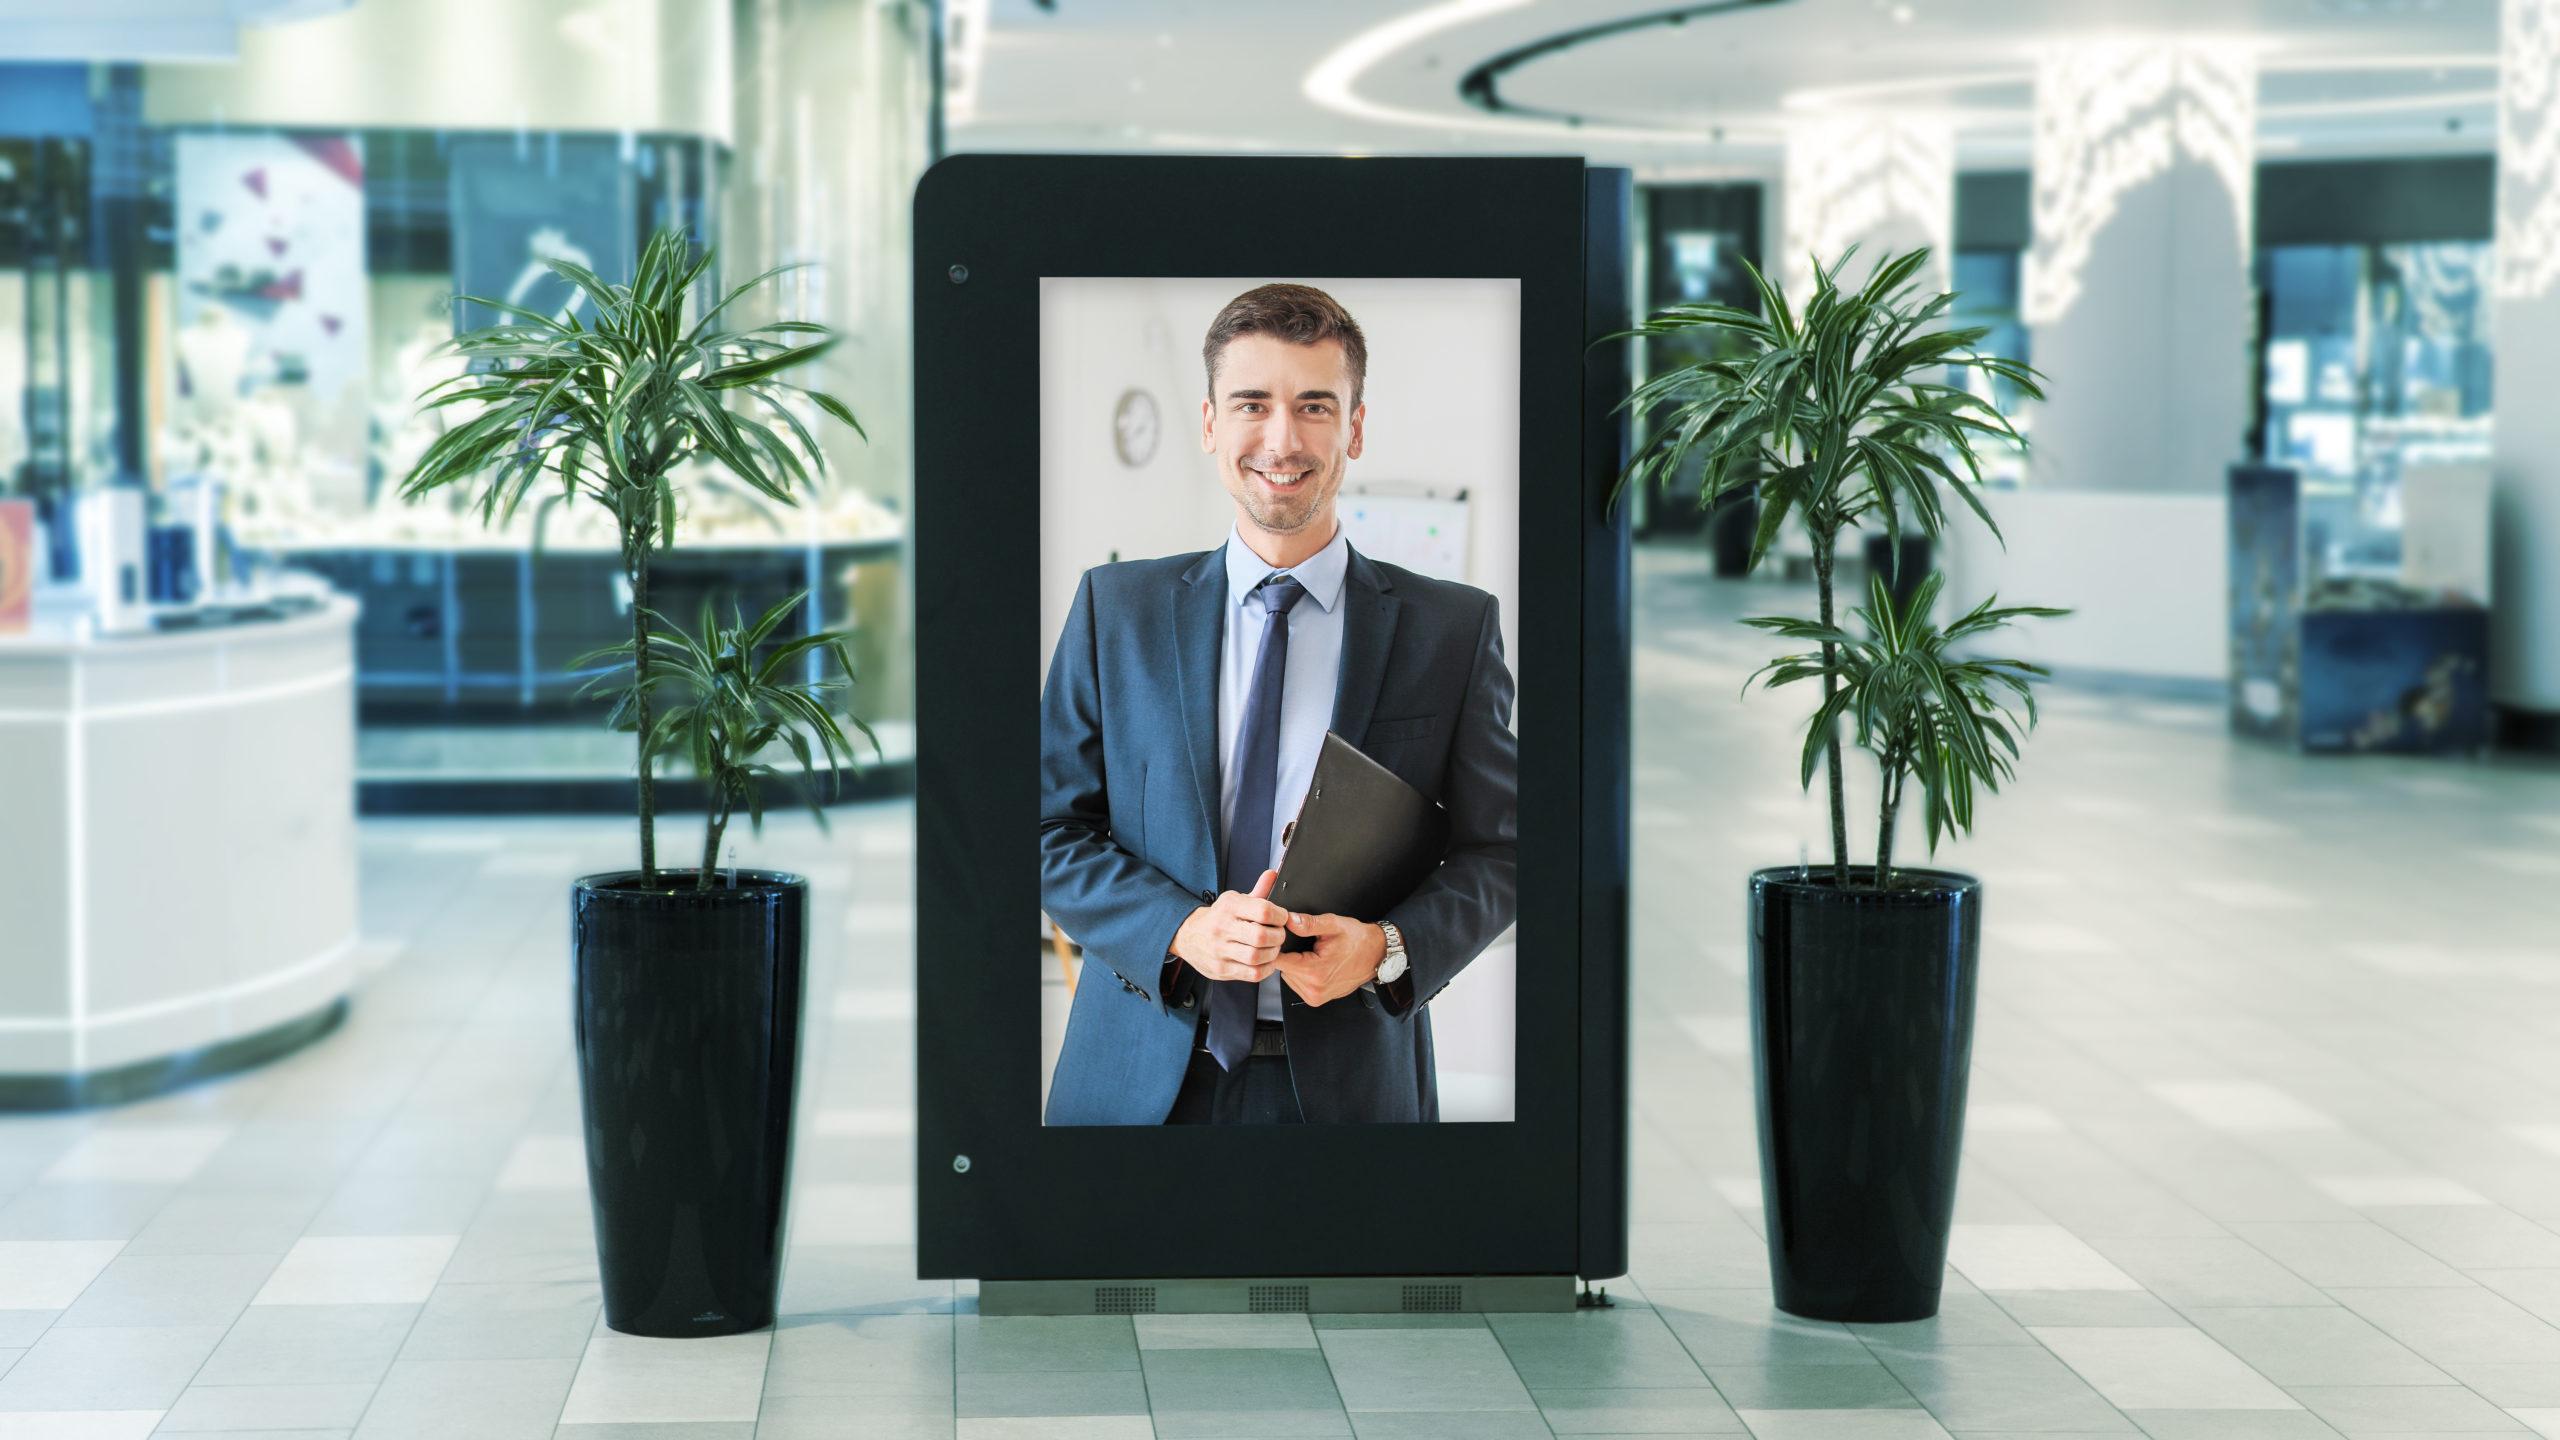 Schild für Werbung Design in einem Einkaufszentrum, welches einen Mann im Anzug zeigt.